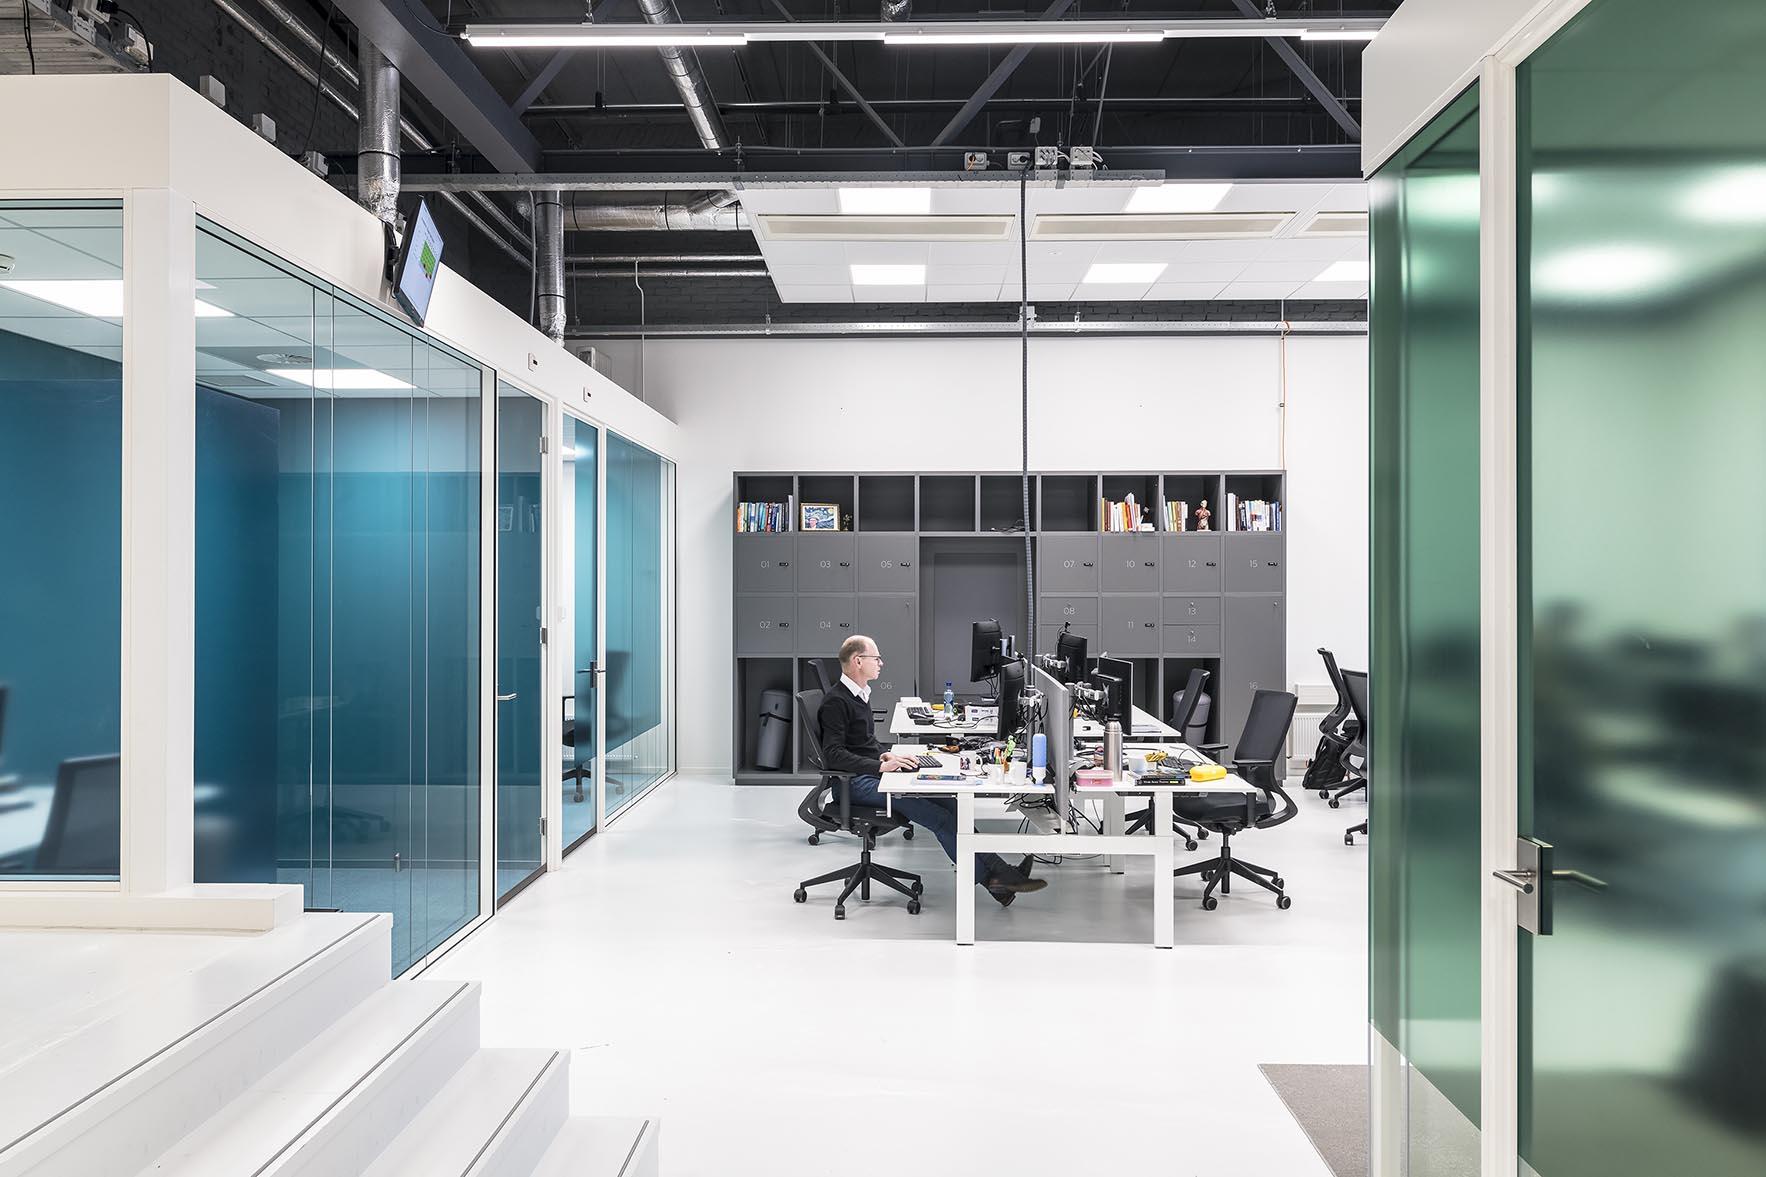 <p>Studio, fotografie Christiaan de Bruijne</p>